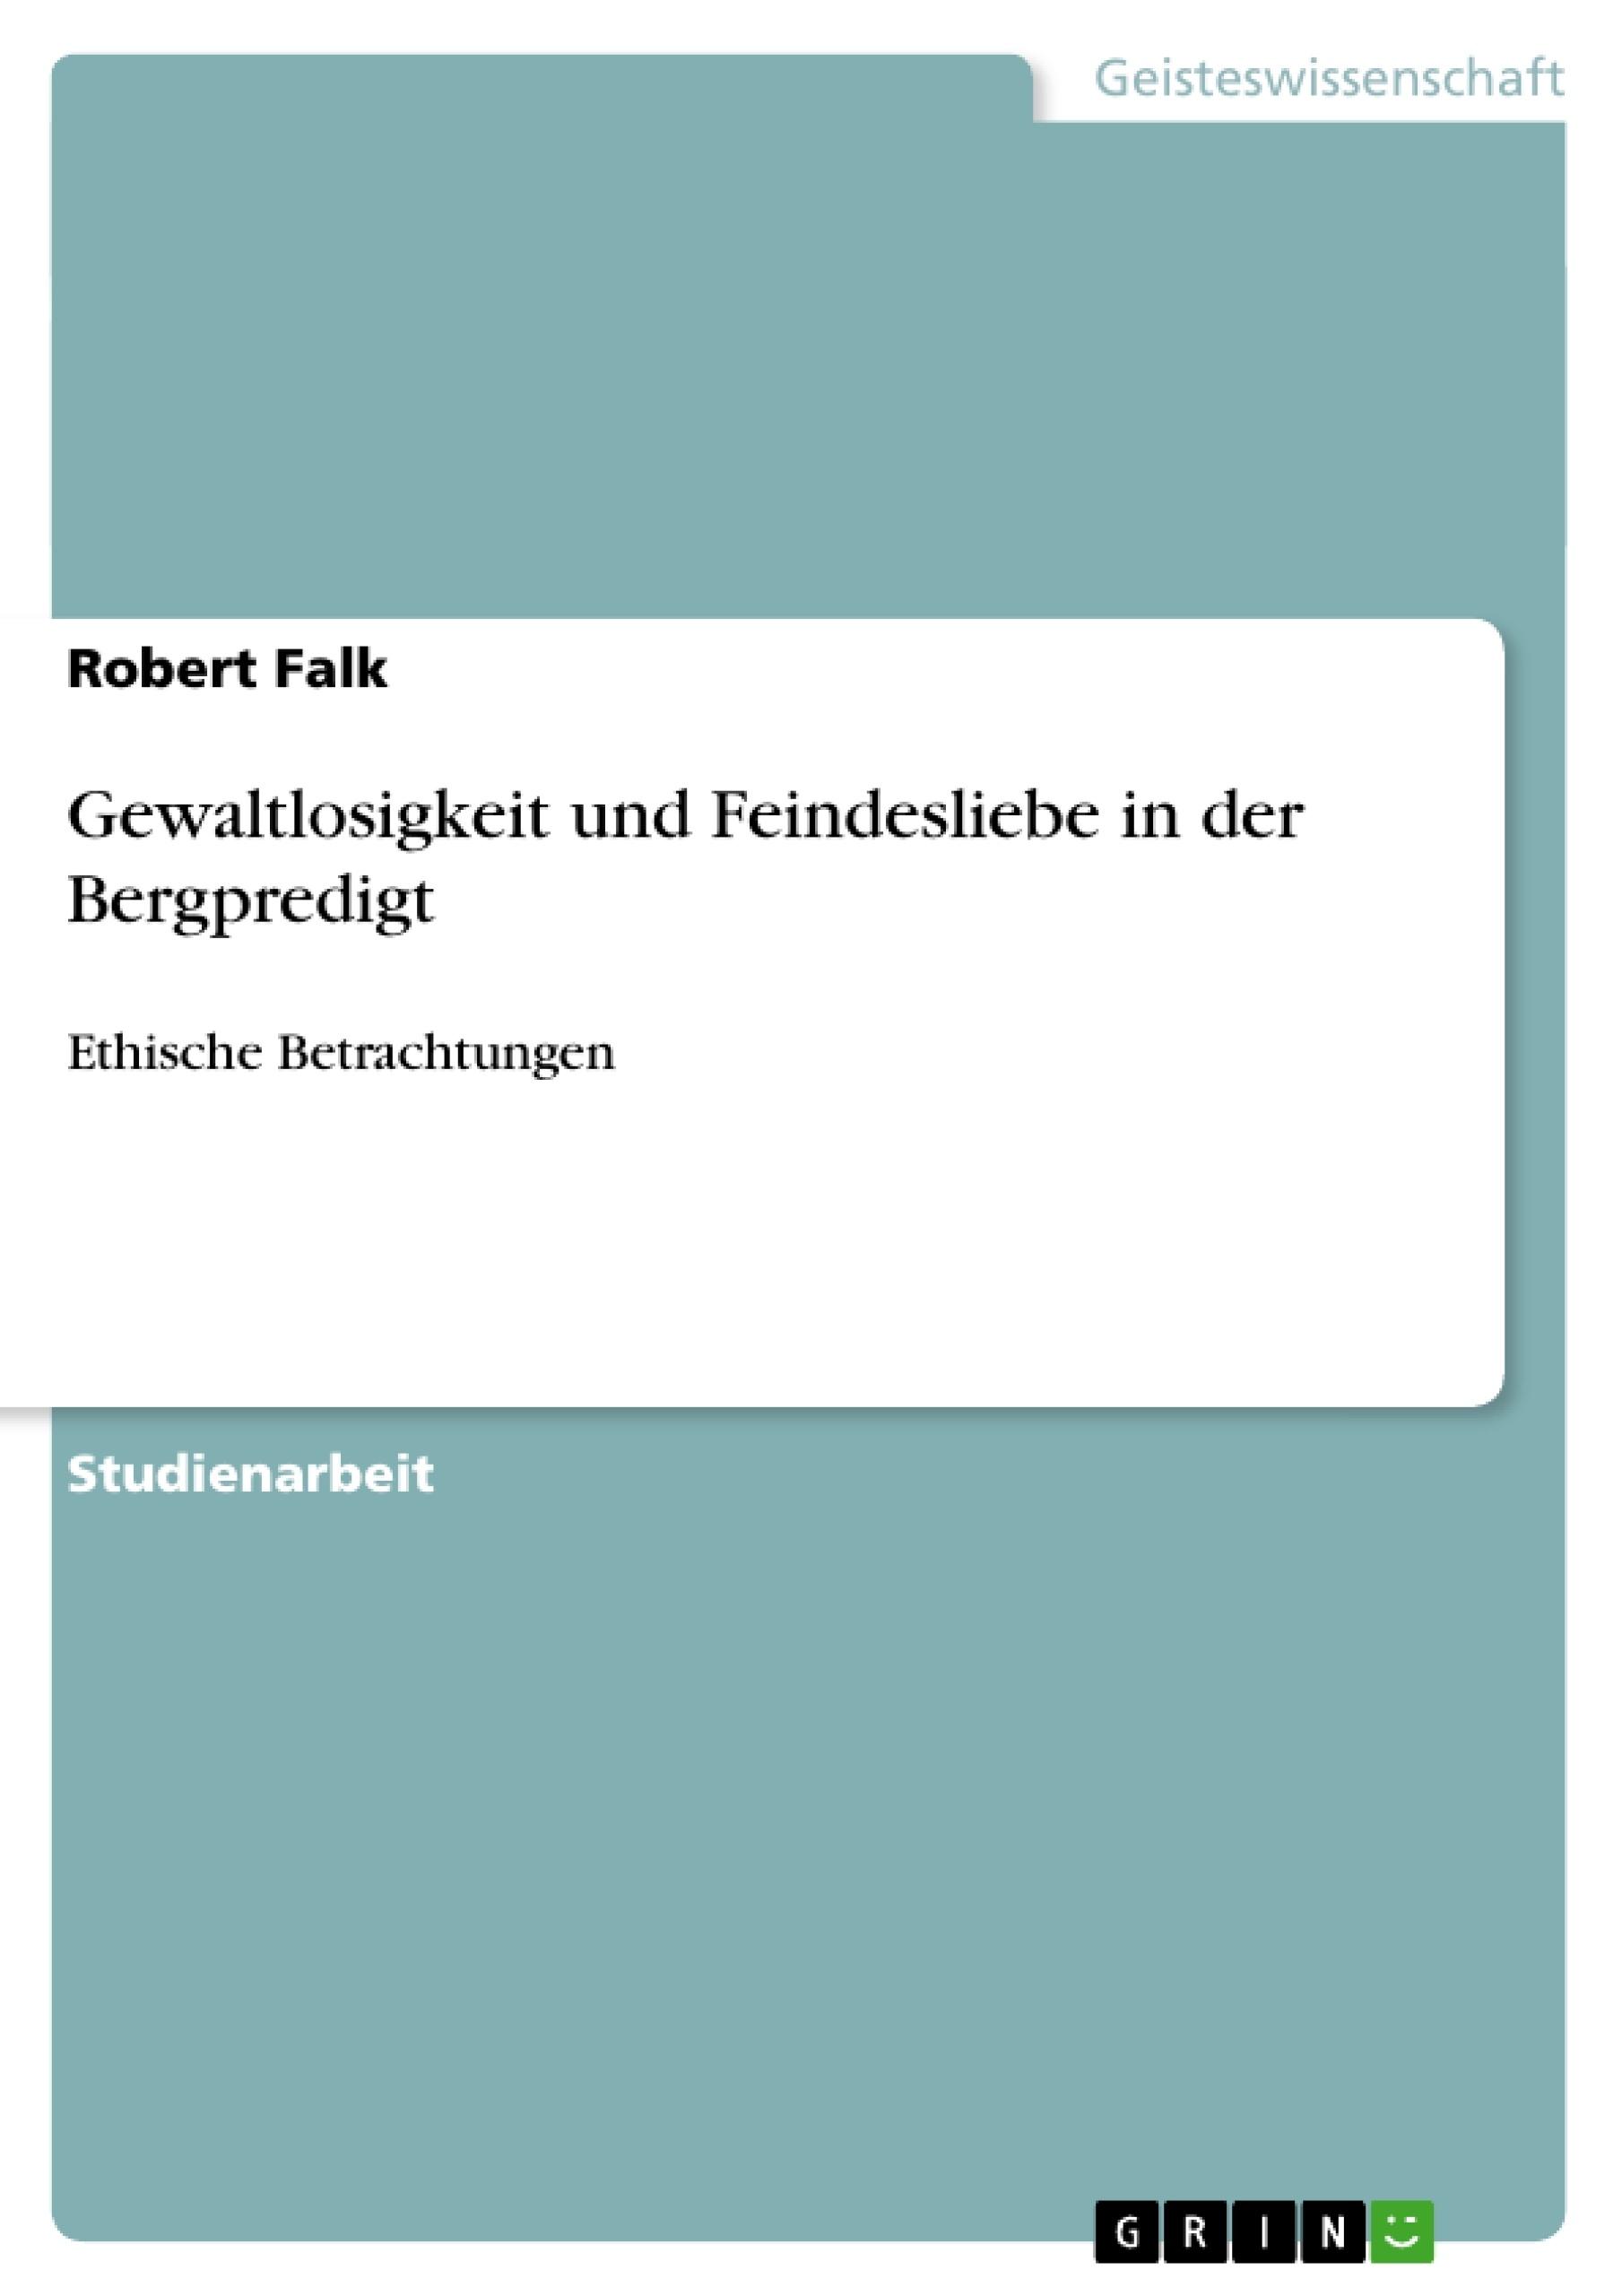 Titel: Gewaltlosigkeit und Feindesliebe in der Bergpredigt